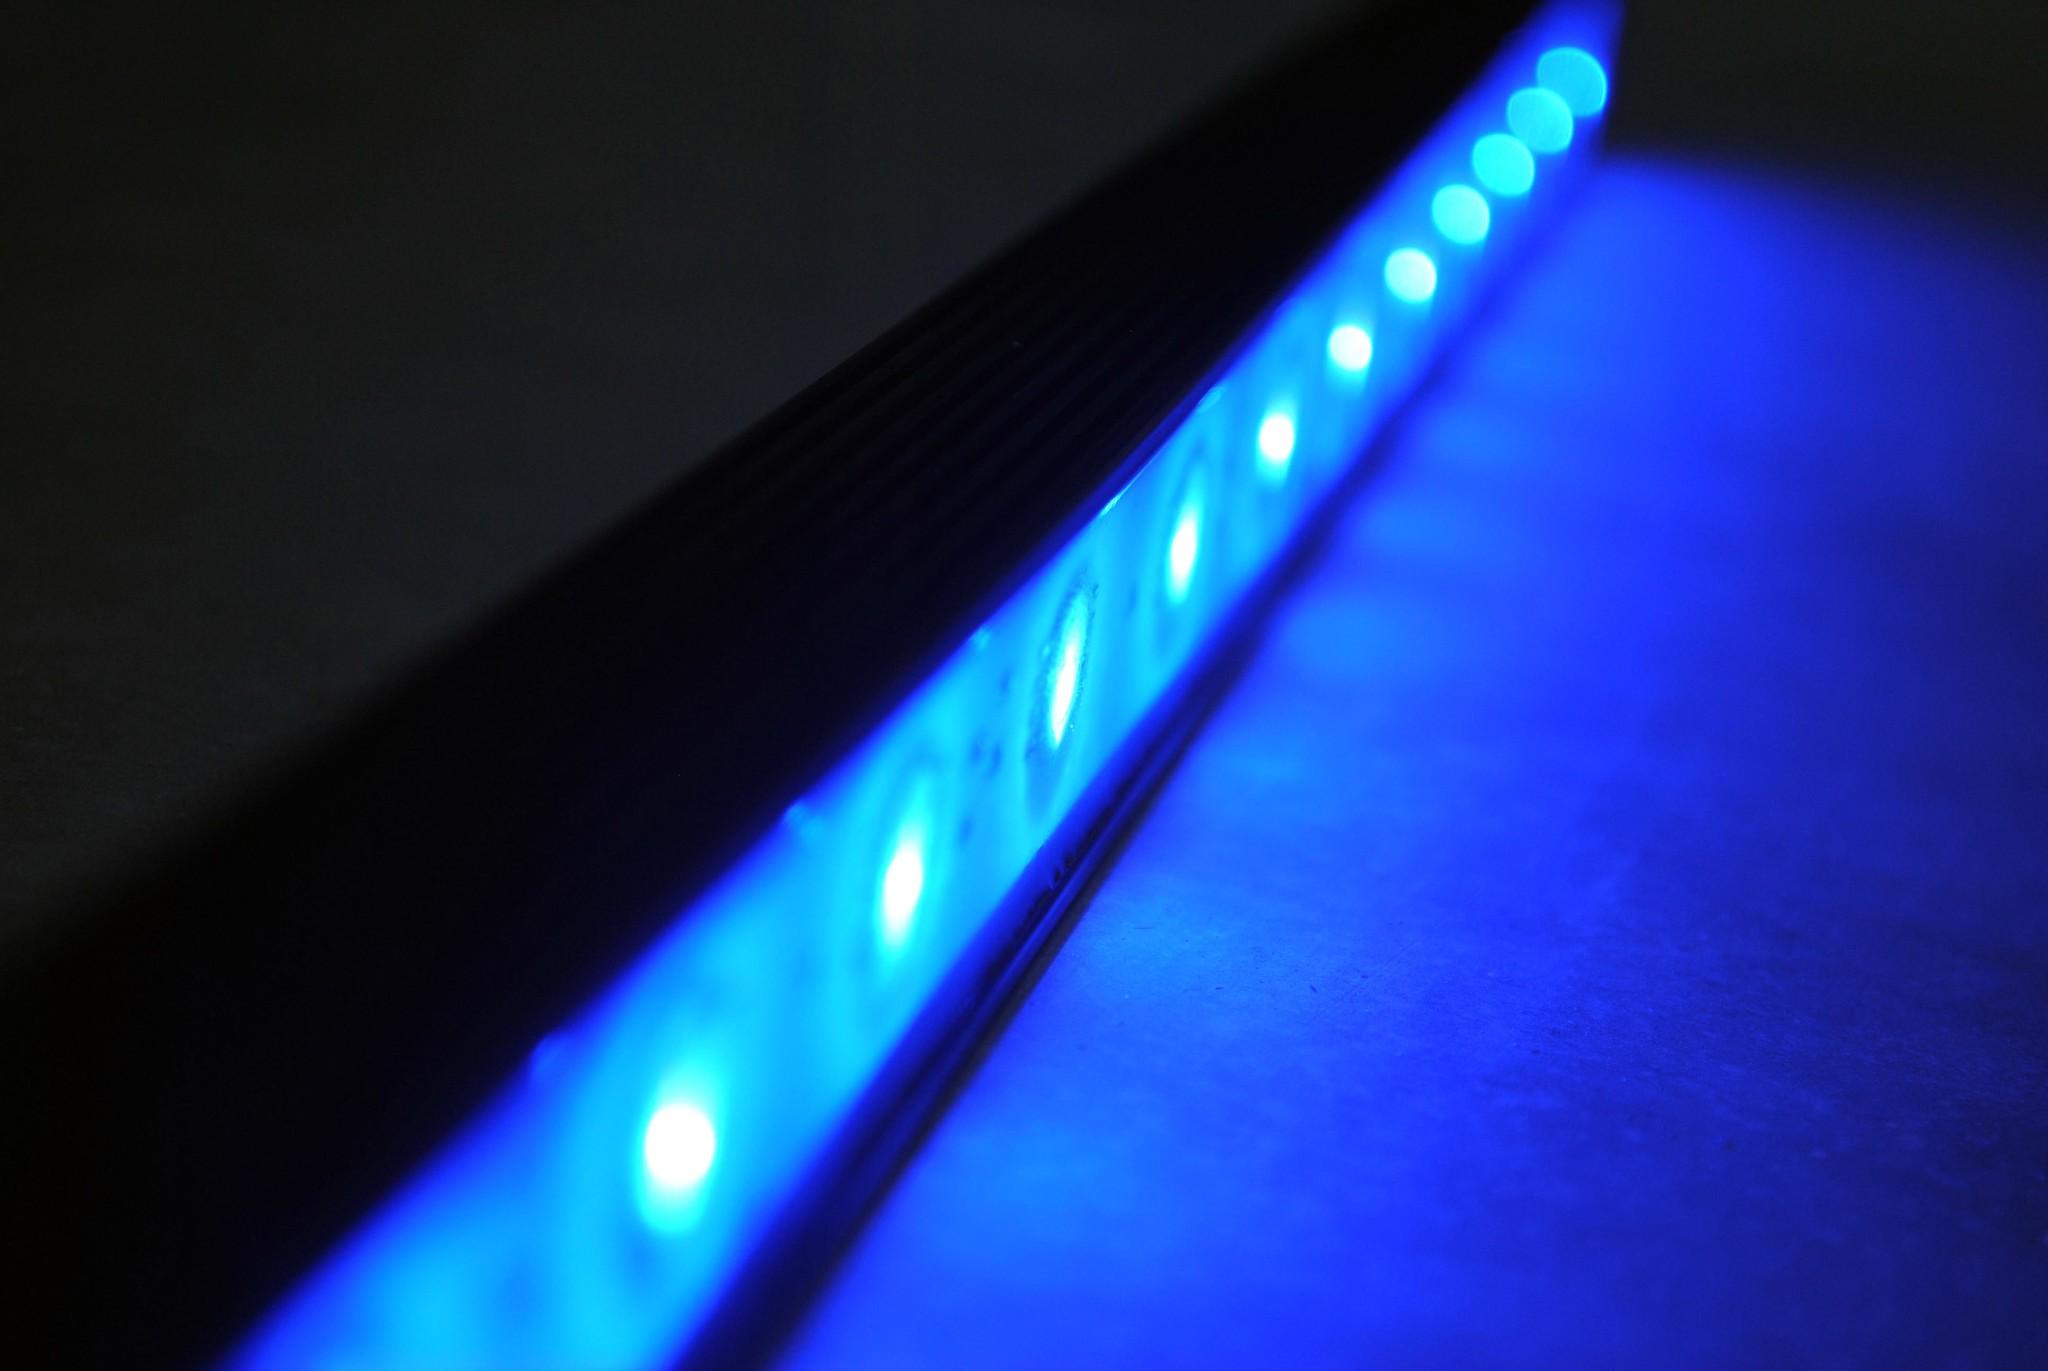 Barre de LED de 50 cm LEDBAR PRO - RVB-WW IP68 étanche 12W 24V